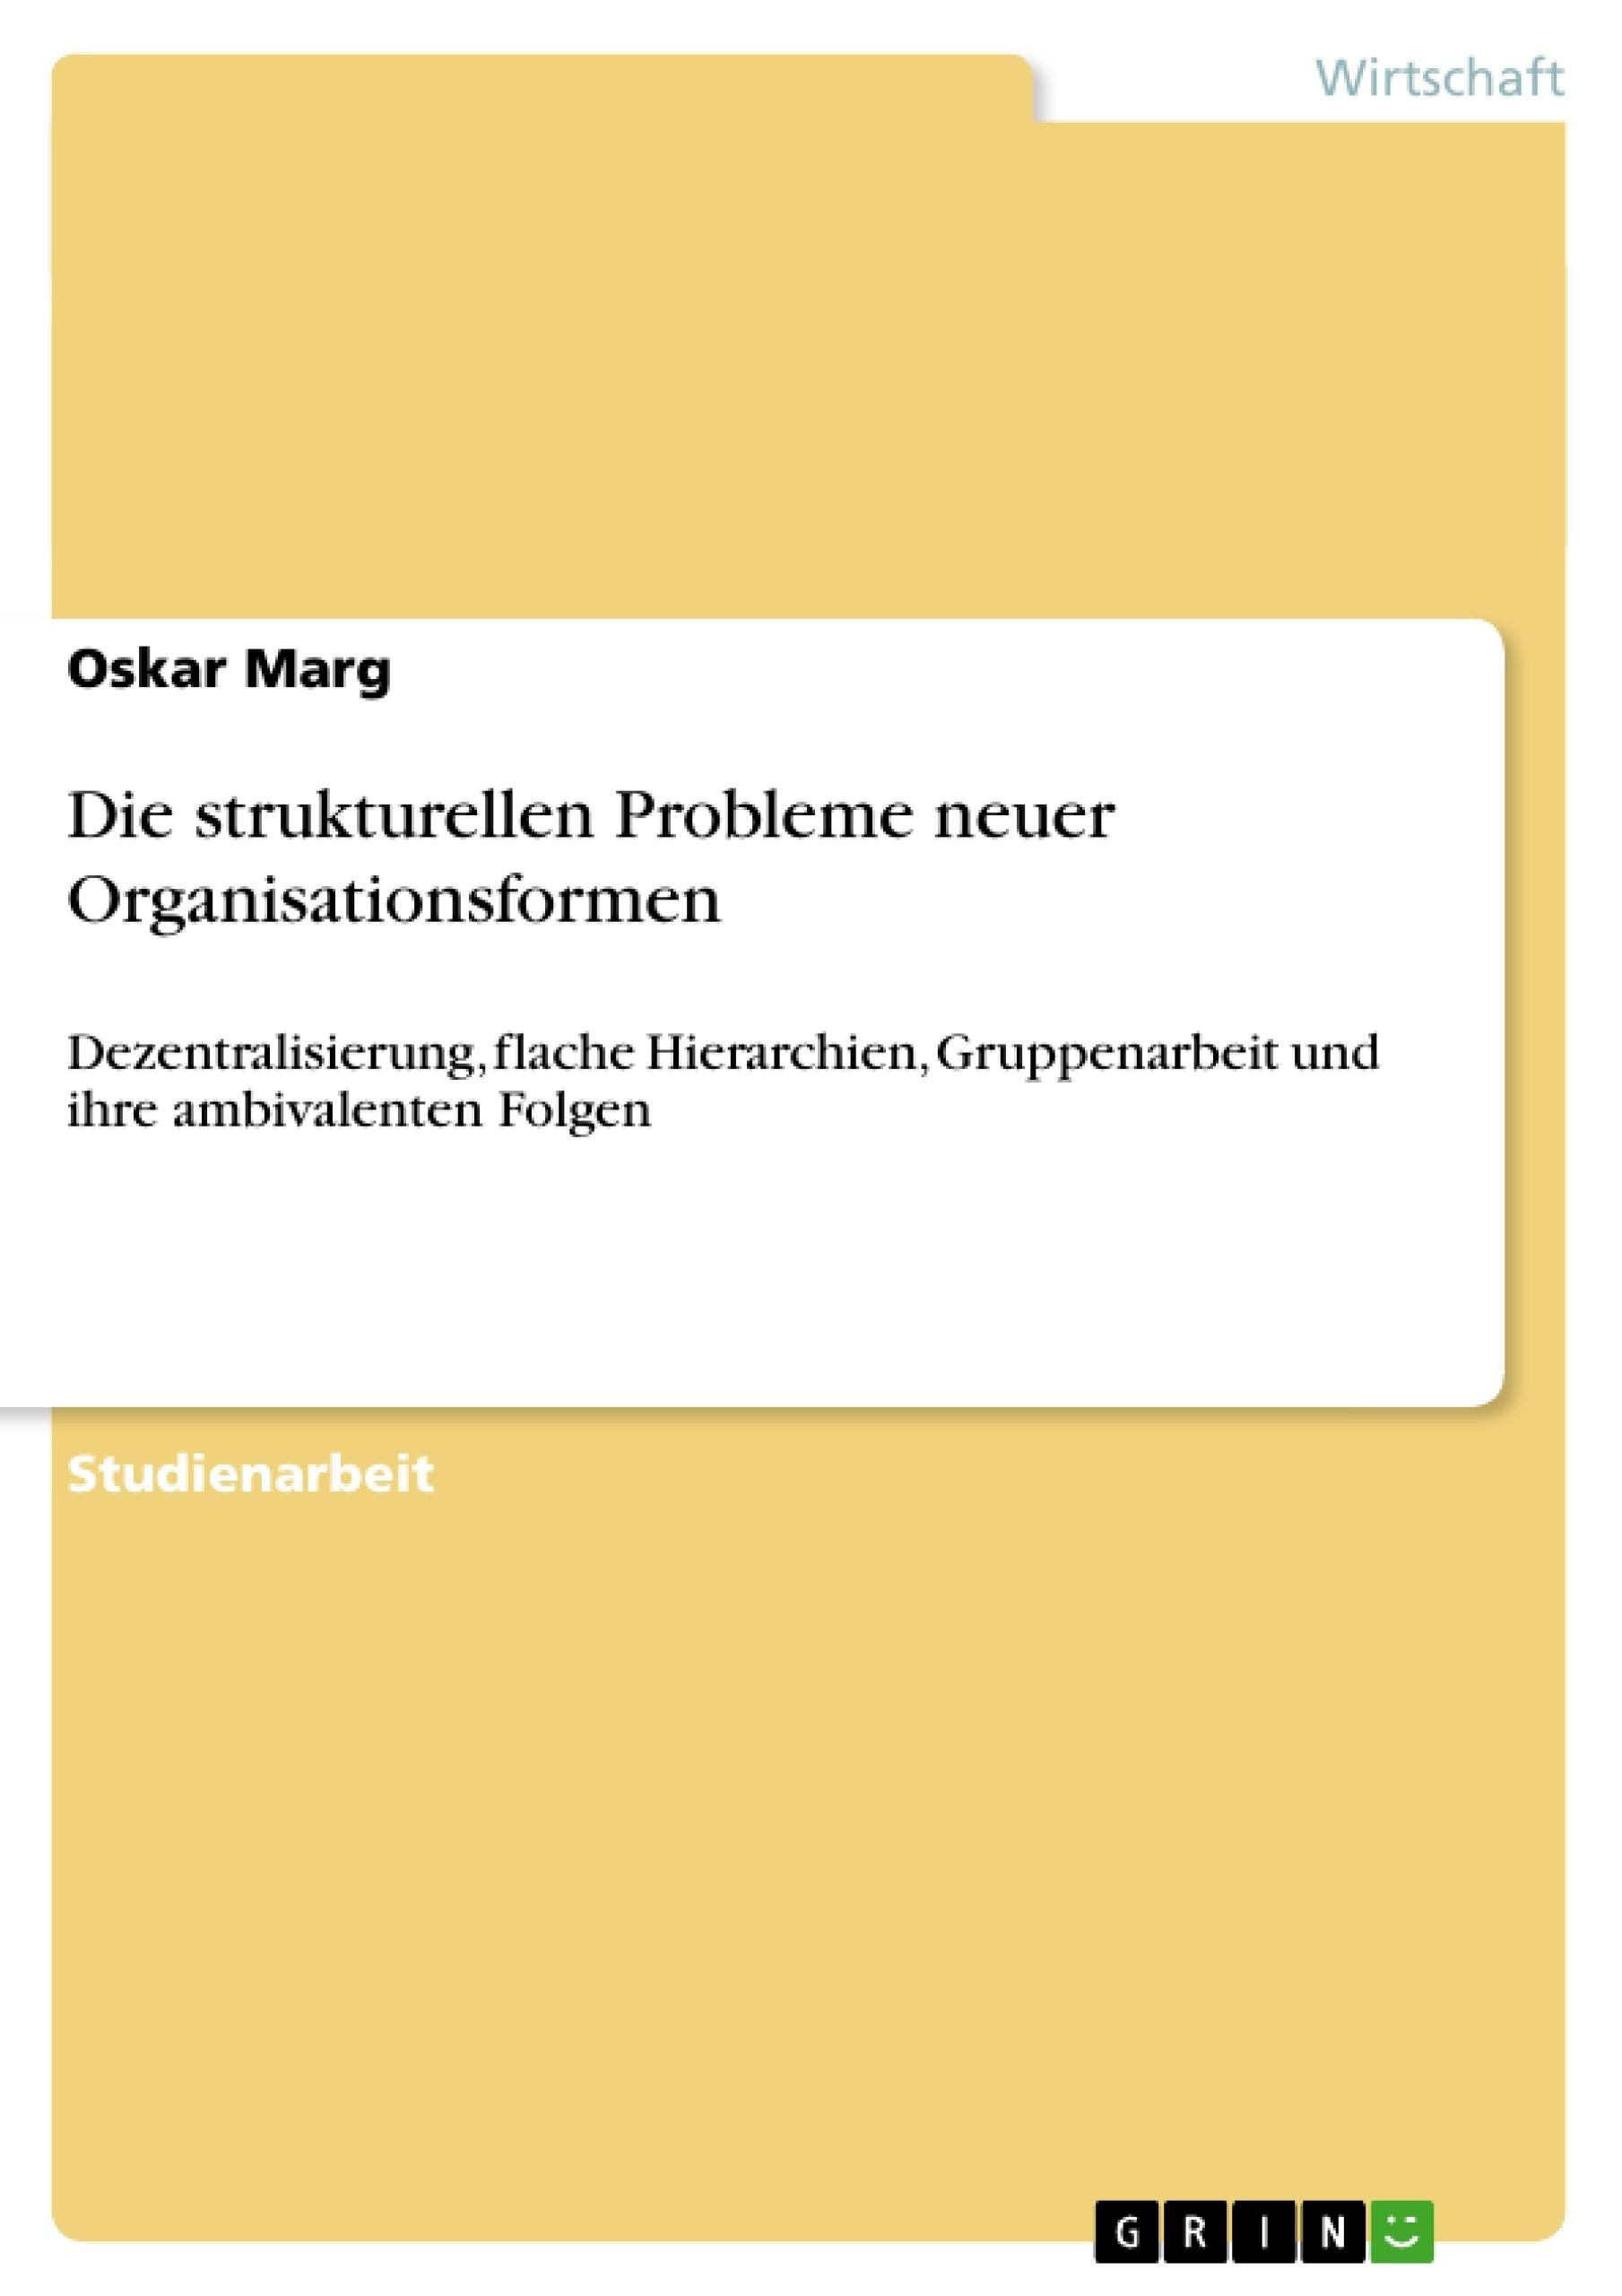 Titel: Die strukturellen Probleme neuer Organisationsformen